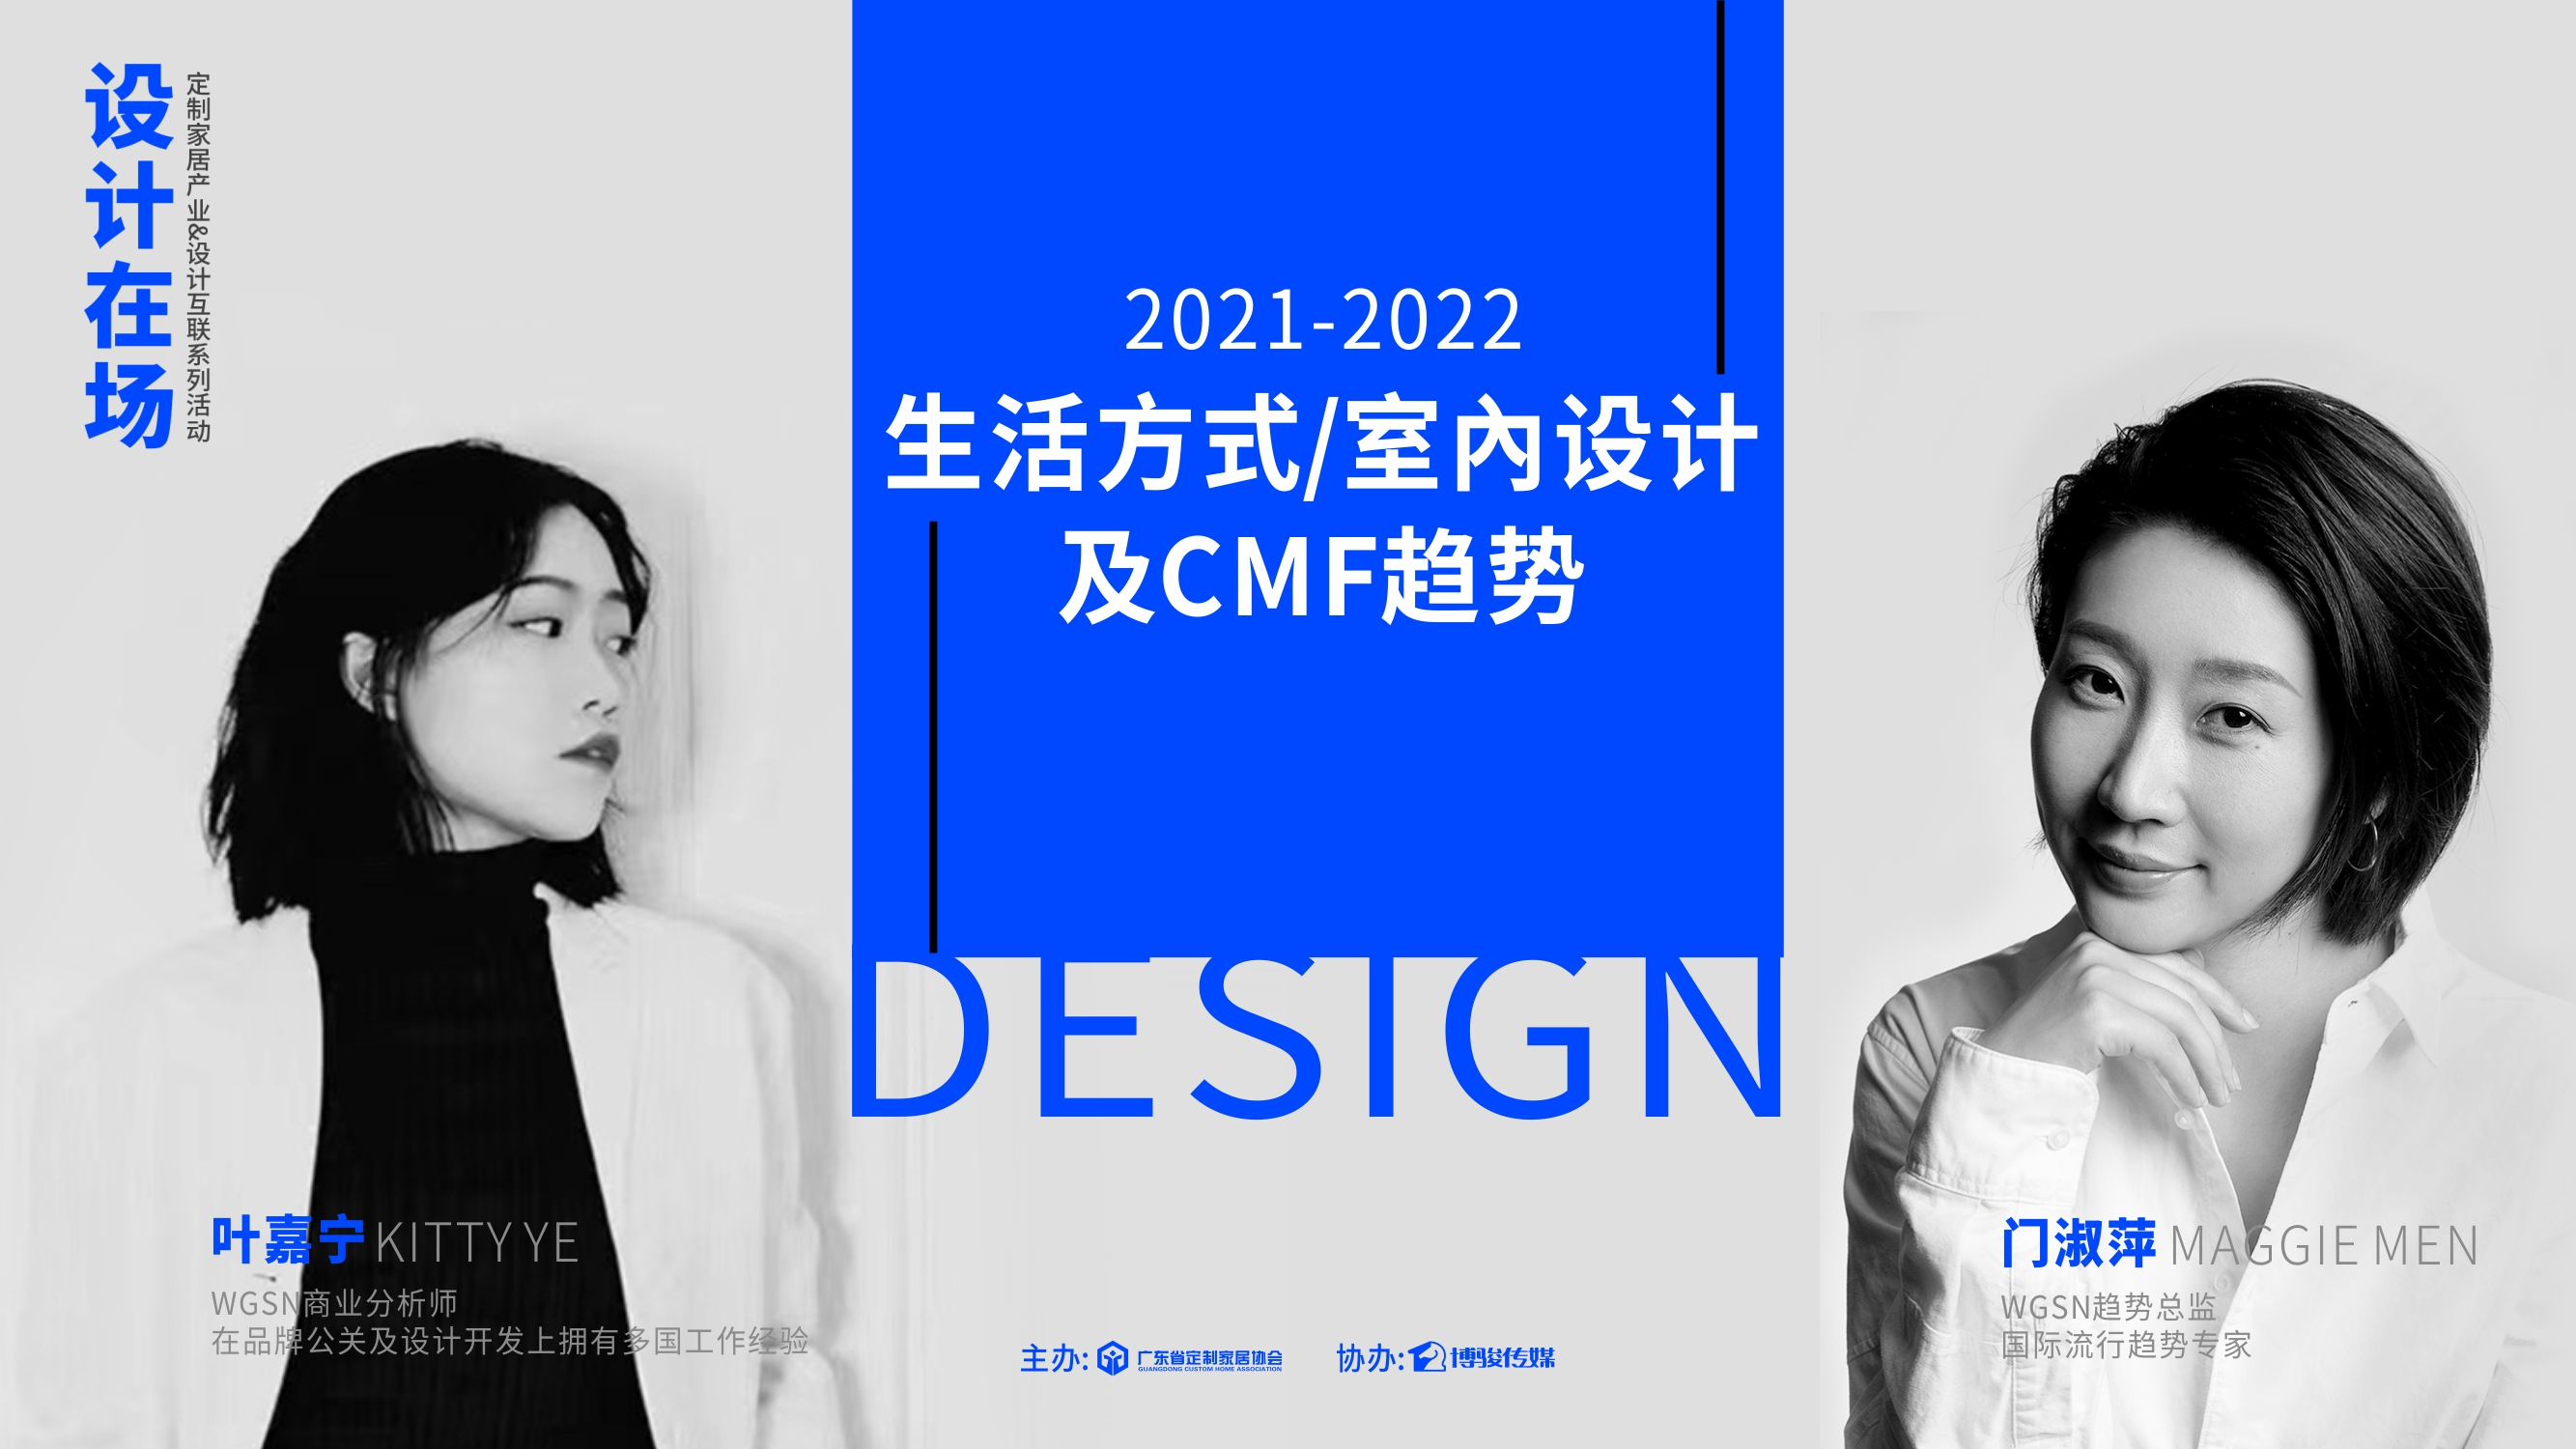 【关注】2021-2022家居空间及产品设计趋势